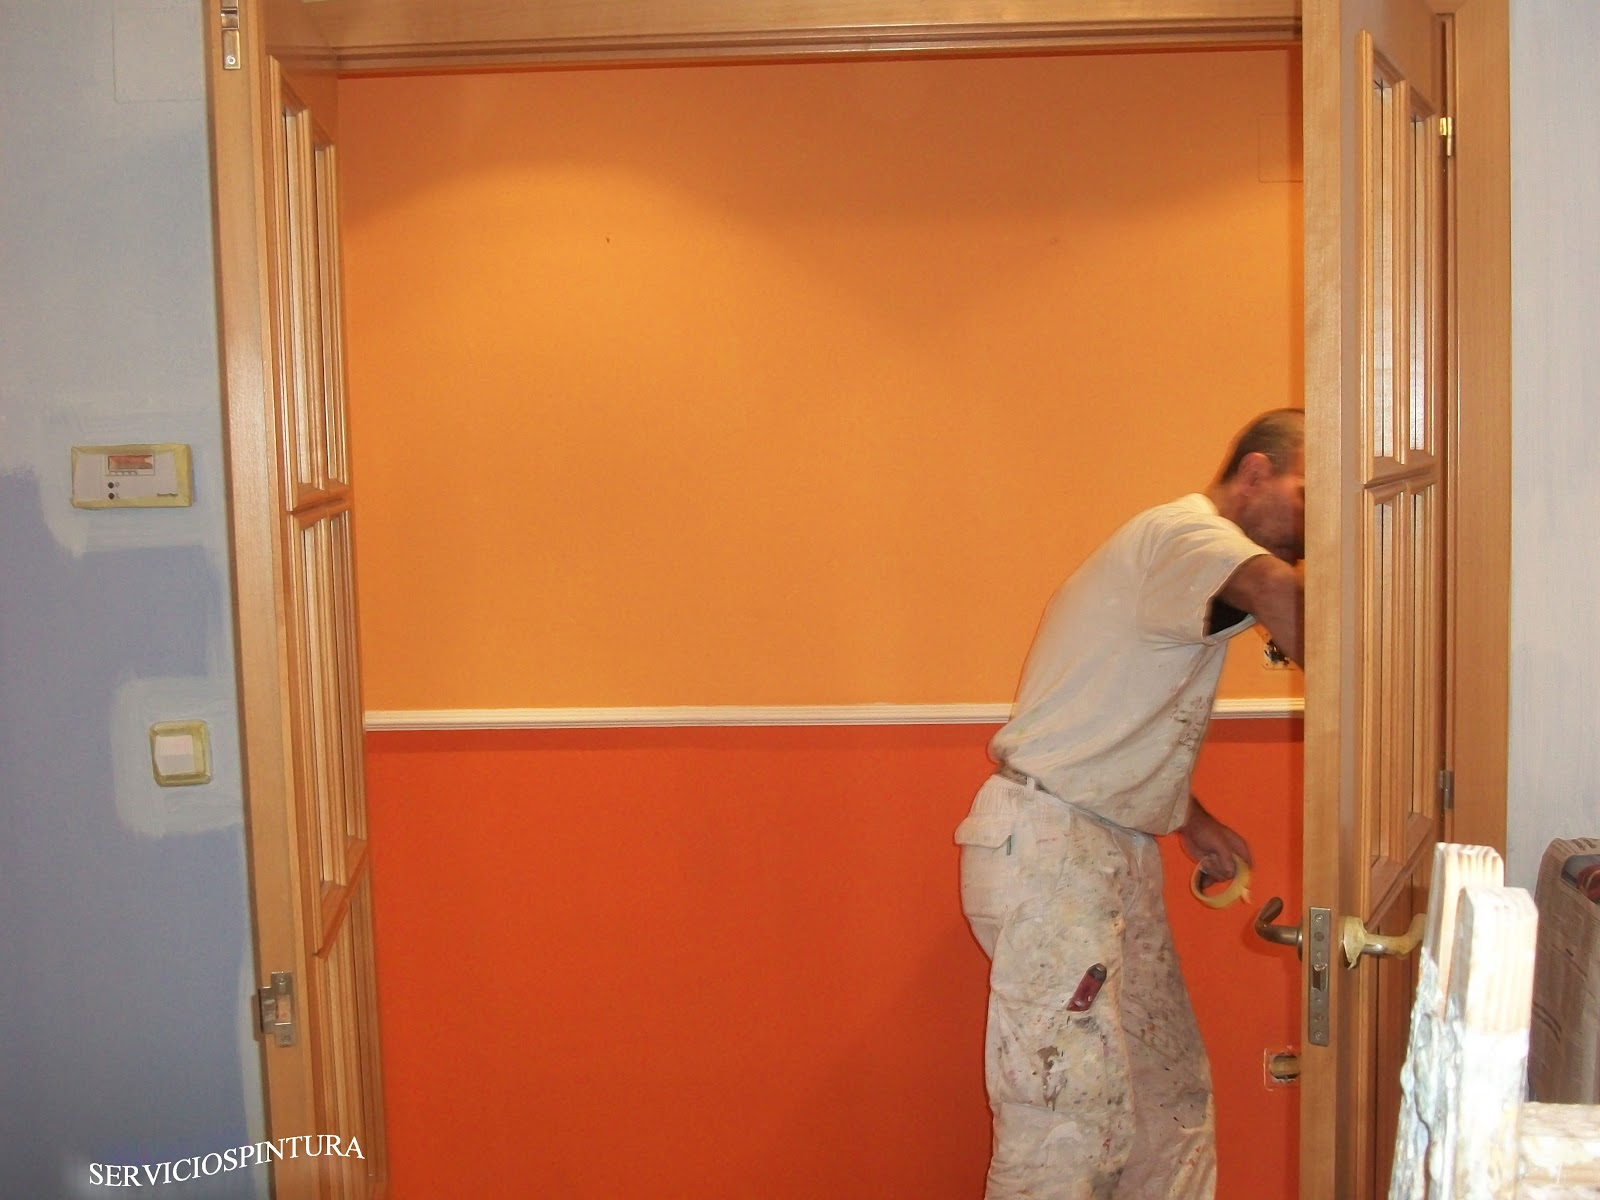 Servicios de pintura en zaragoza pintamos pisos - Pintar paredes dos colores ...